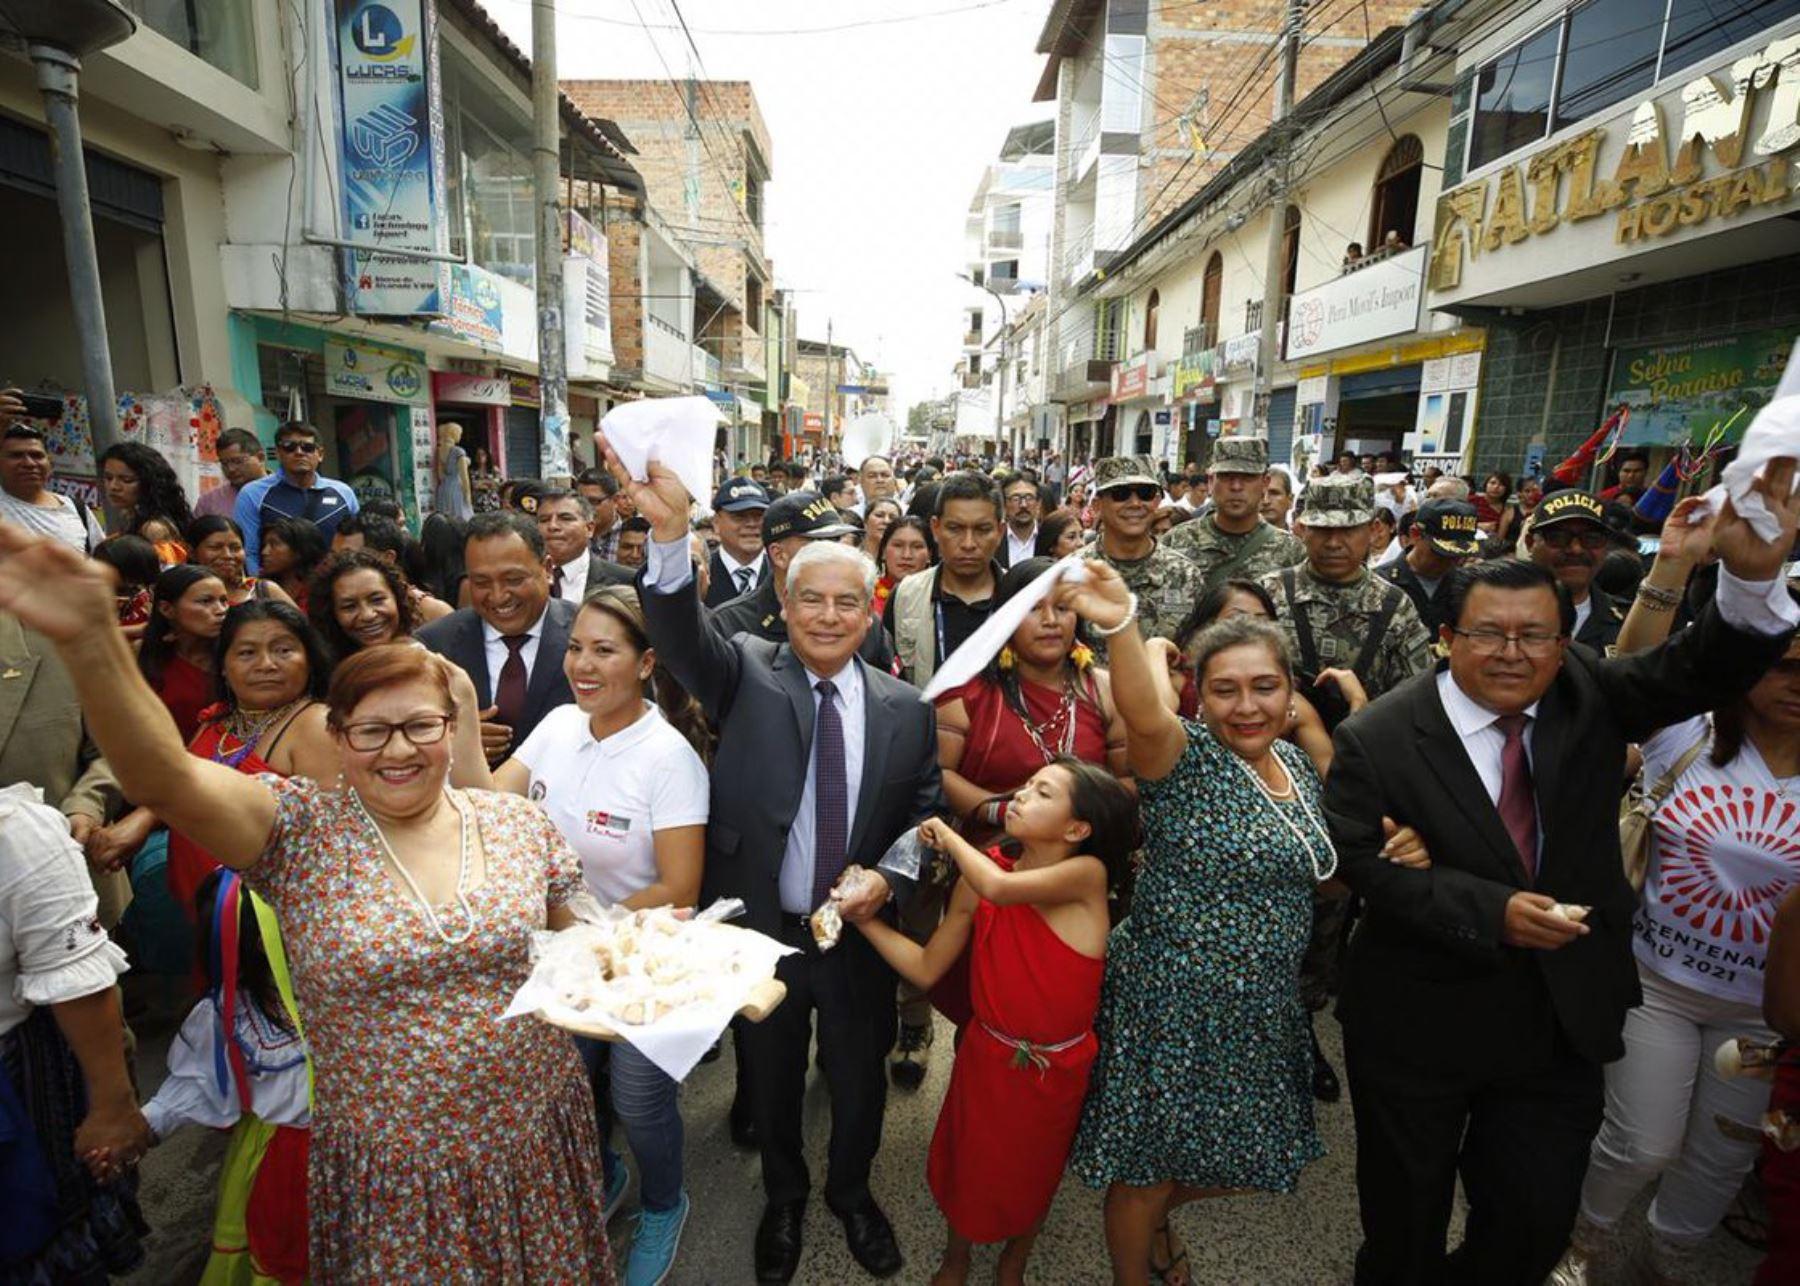 El jefe del Gabinete Ministerial, César Villanueva, encabezó en la ciudad de Moyobamba el lanzamiento de la Agenda Bicentenario. ANDINA/Difusión